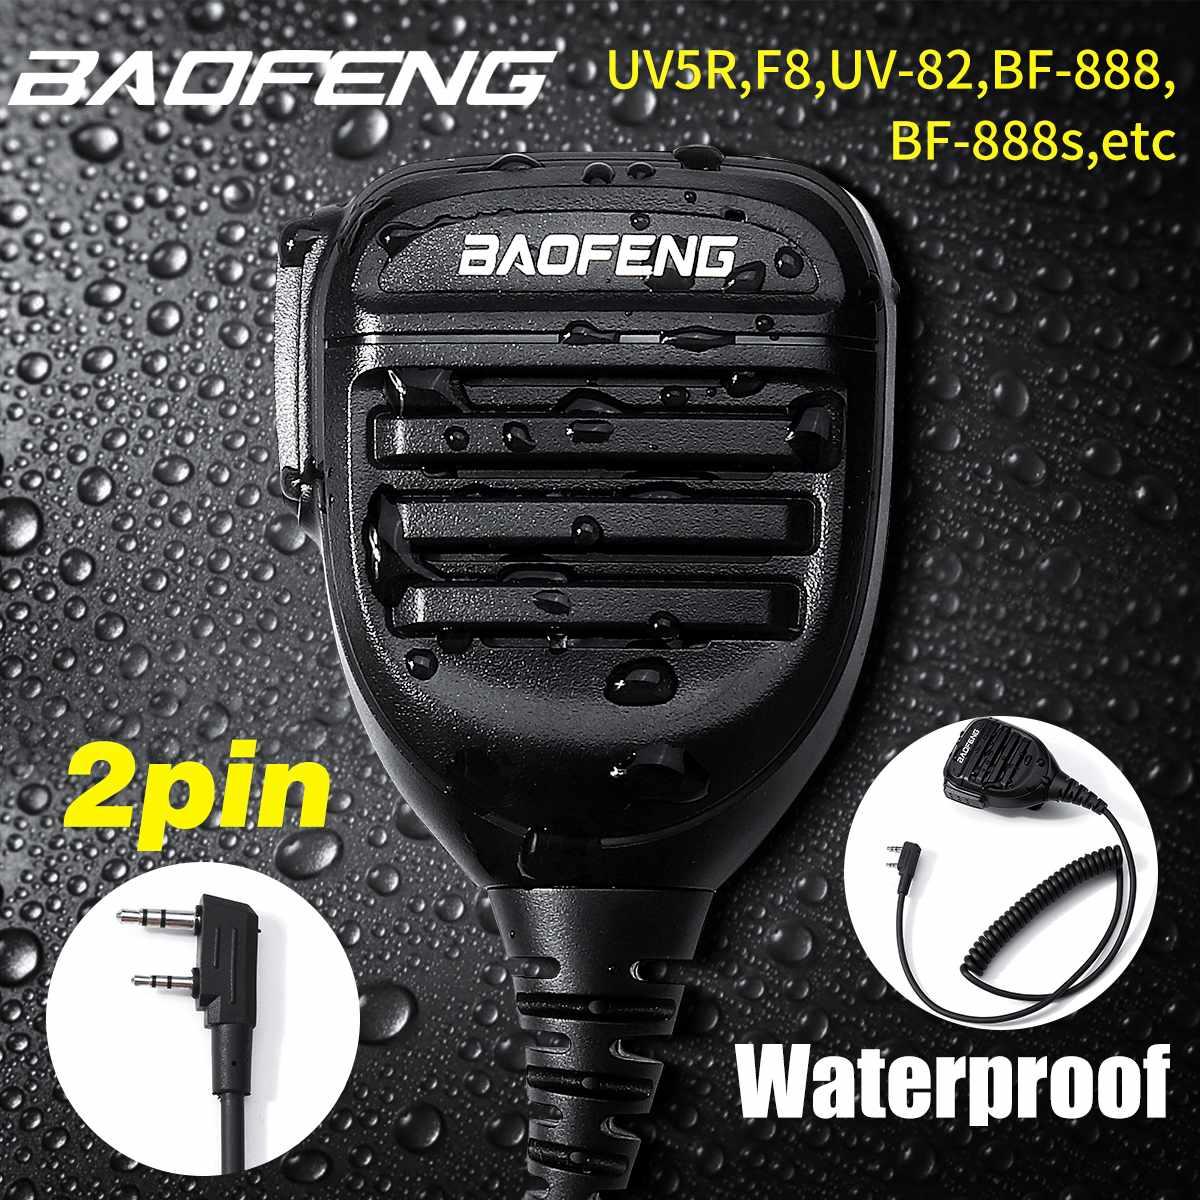 BaoFeng 2 Pin Waterproof Handheld Microphone Speaker Mic For Baofeng Walkie Talkie UV5R,UV5RA,UV-82,DM-5R Plus,BF-888s RadioNew